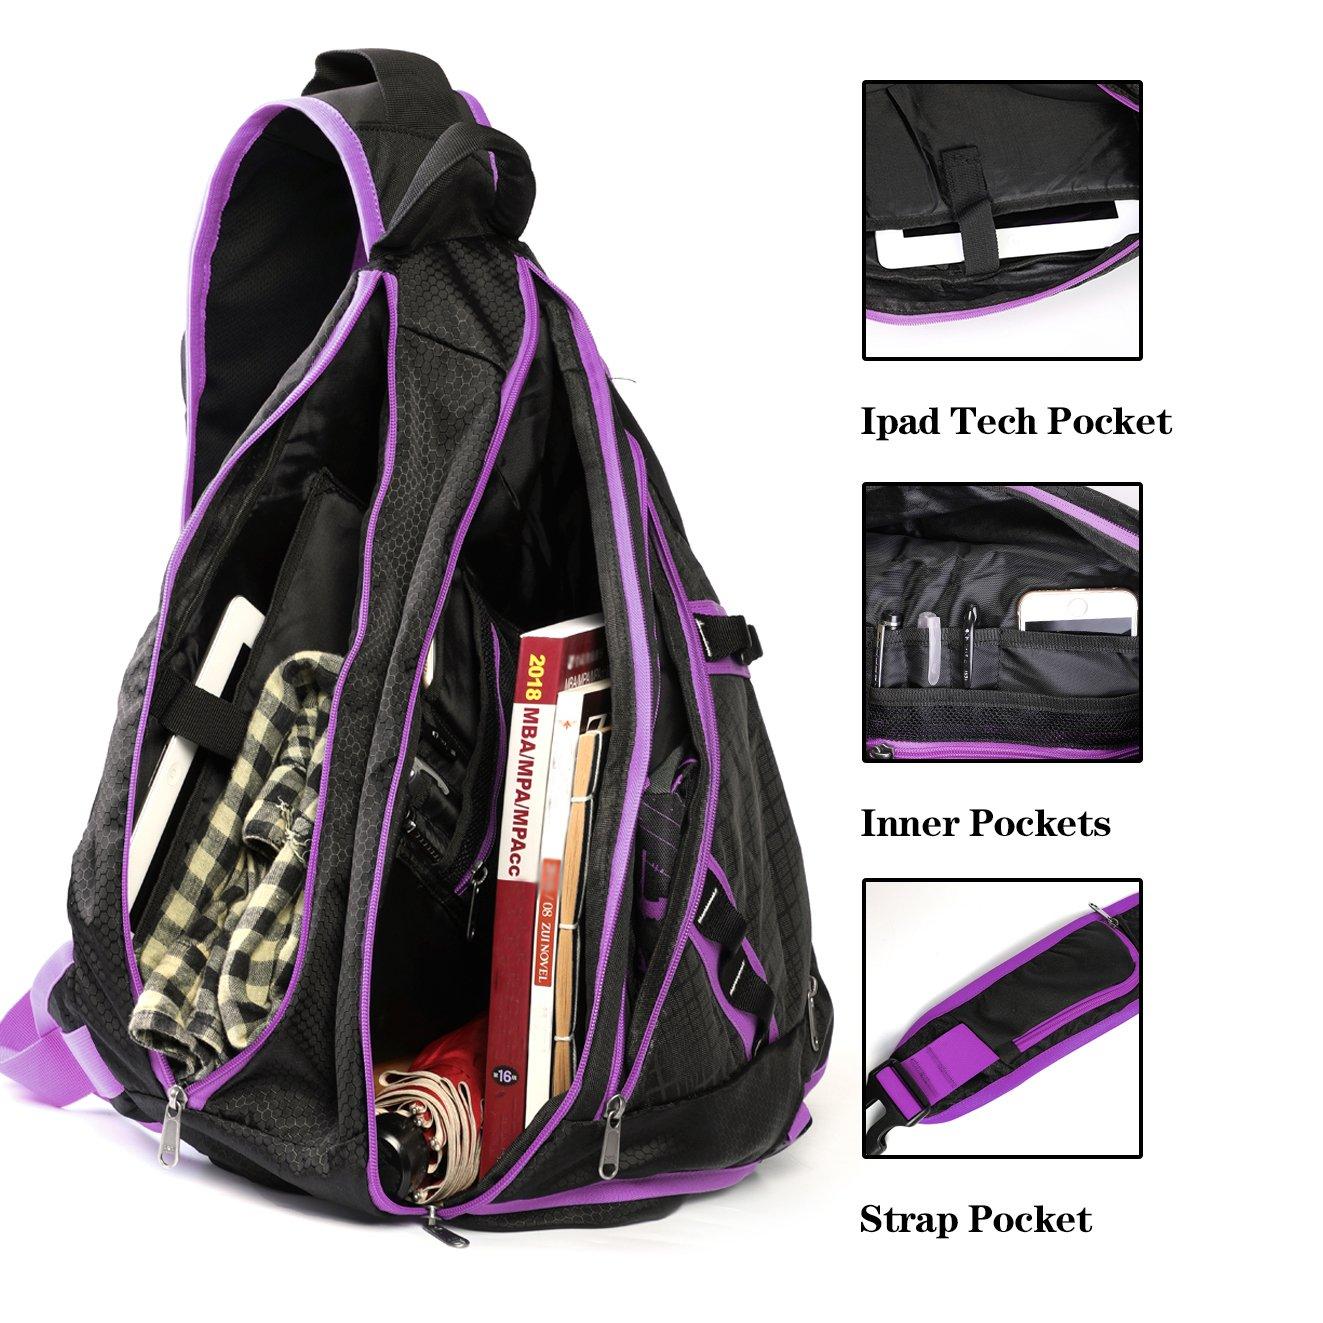 SEEU 32L Oversized Sling Bag Backpack with Shoe Pocket Lightweight Shoulder Crossbody Backpack Chest Bag Gym Backpack for Men /& Women Crossbody Chest Gym Backpack Outdoor Hiking Travel Bag for Men Women Kids